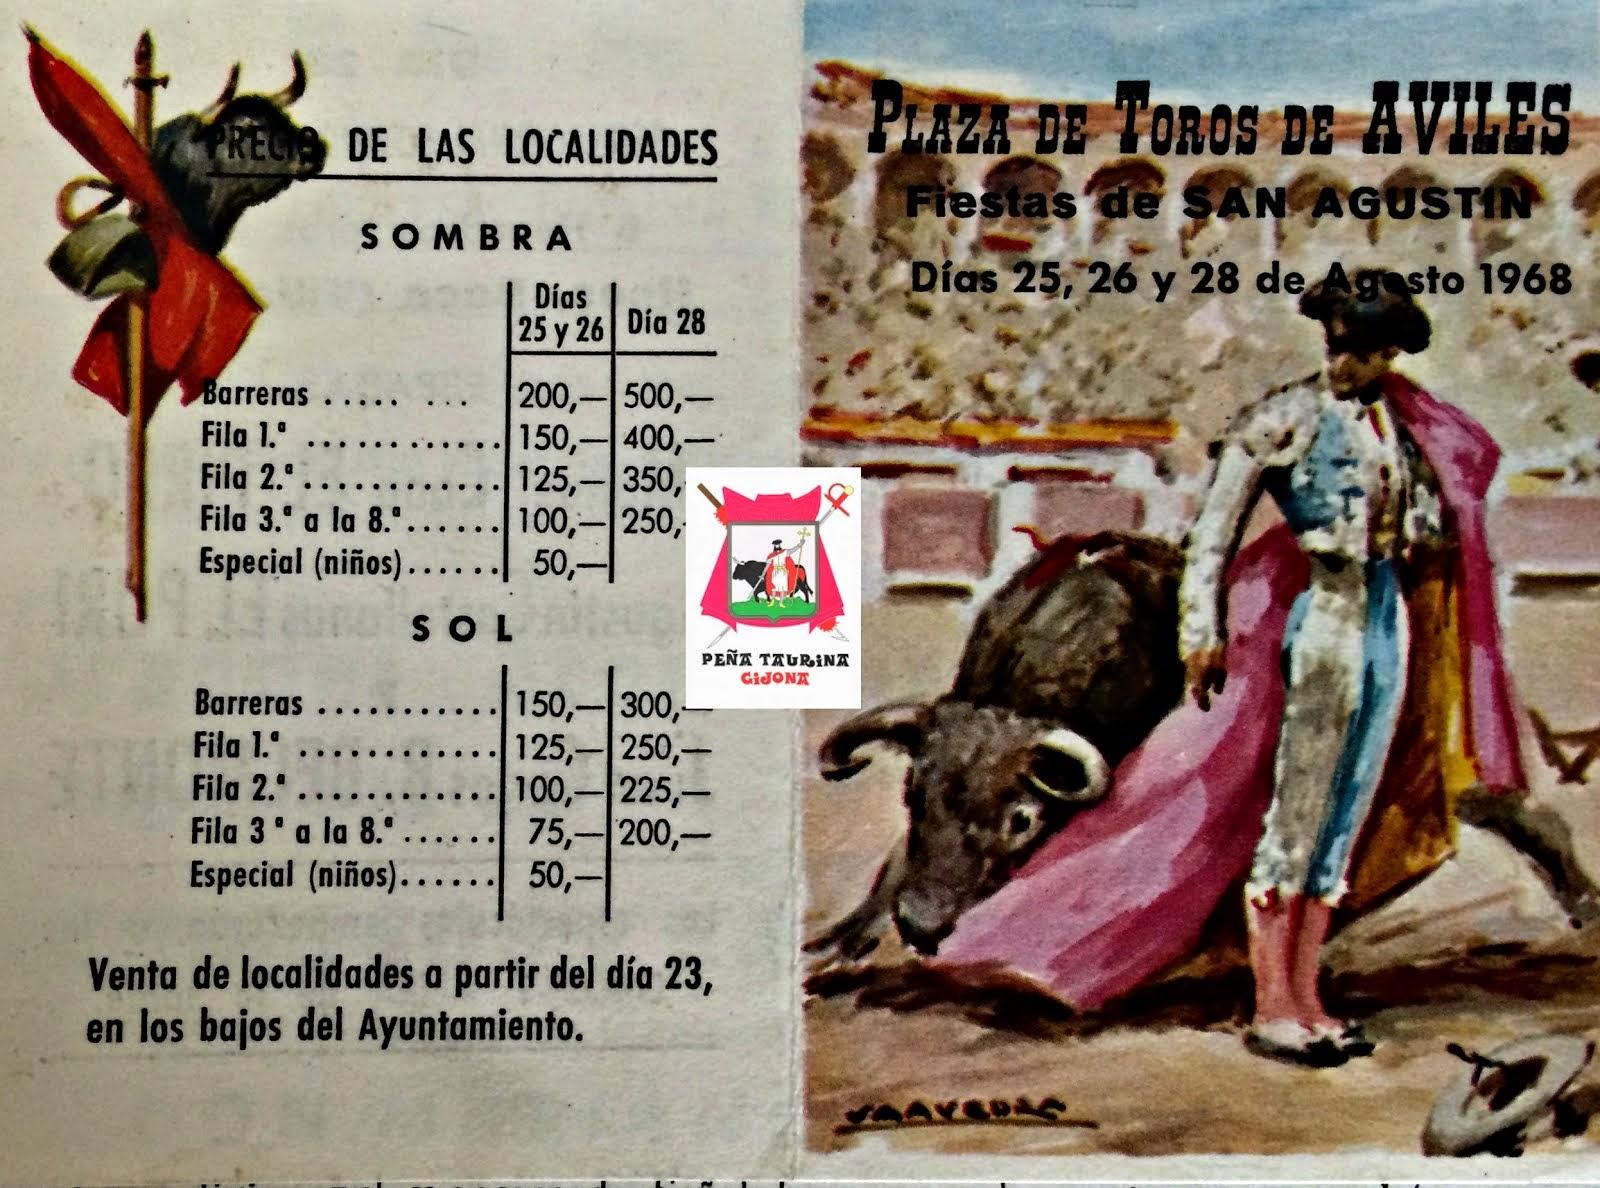 Plaza de toros de avilés Programa